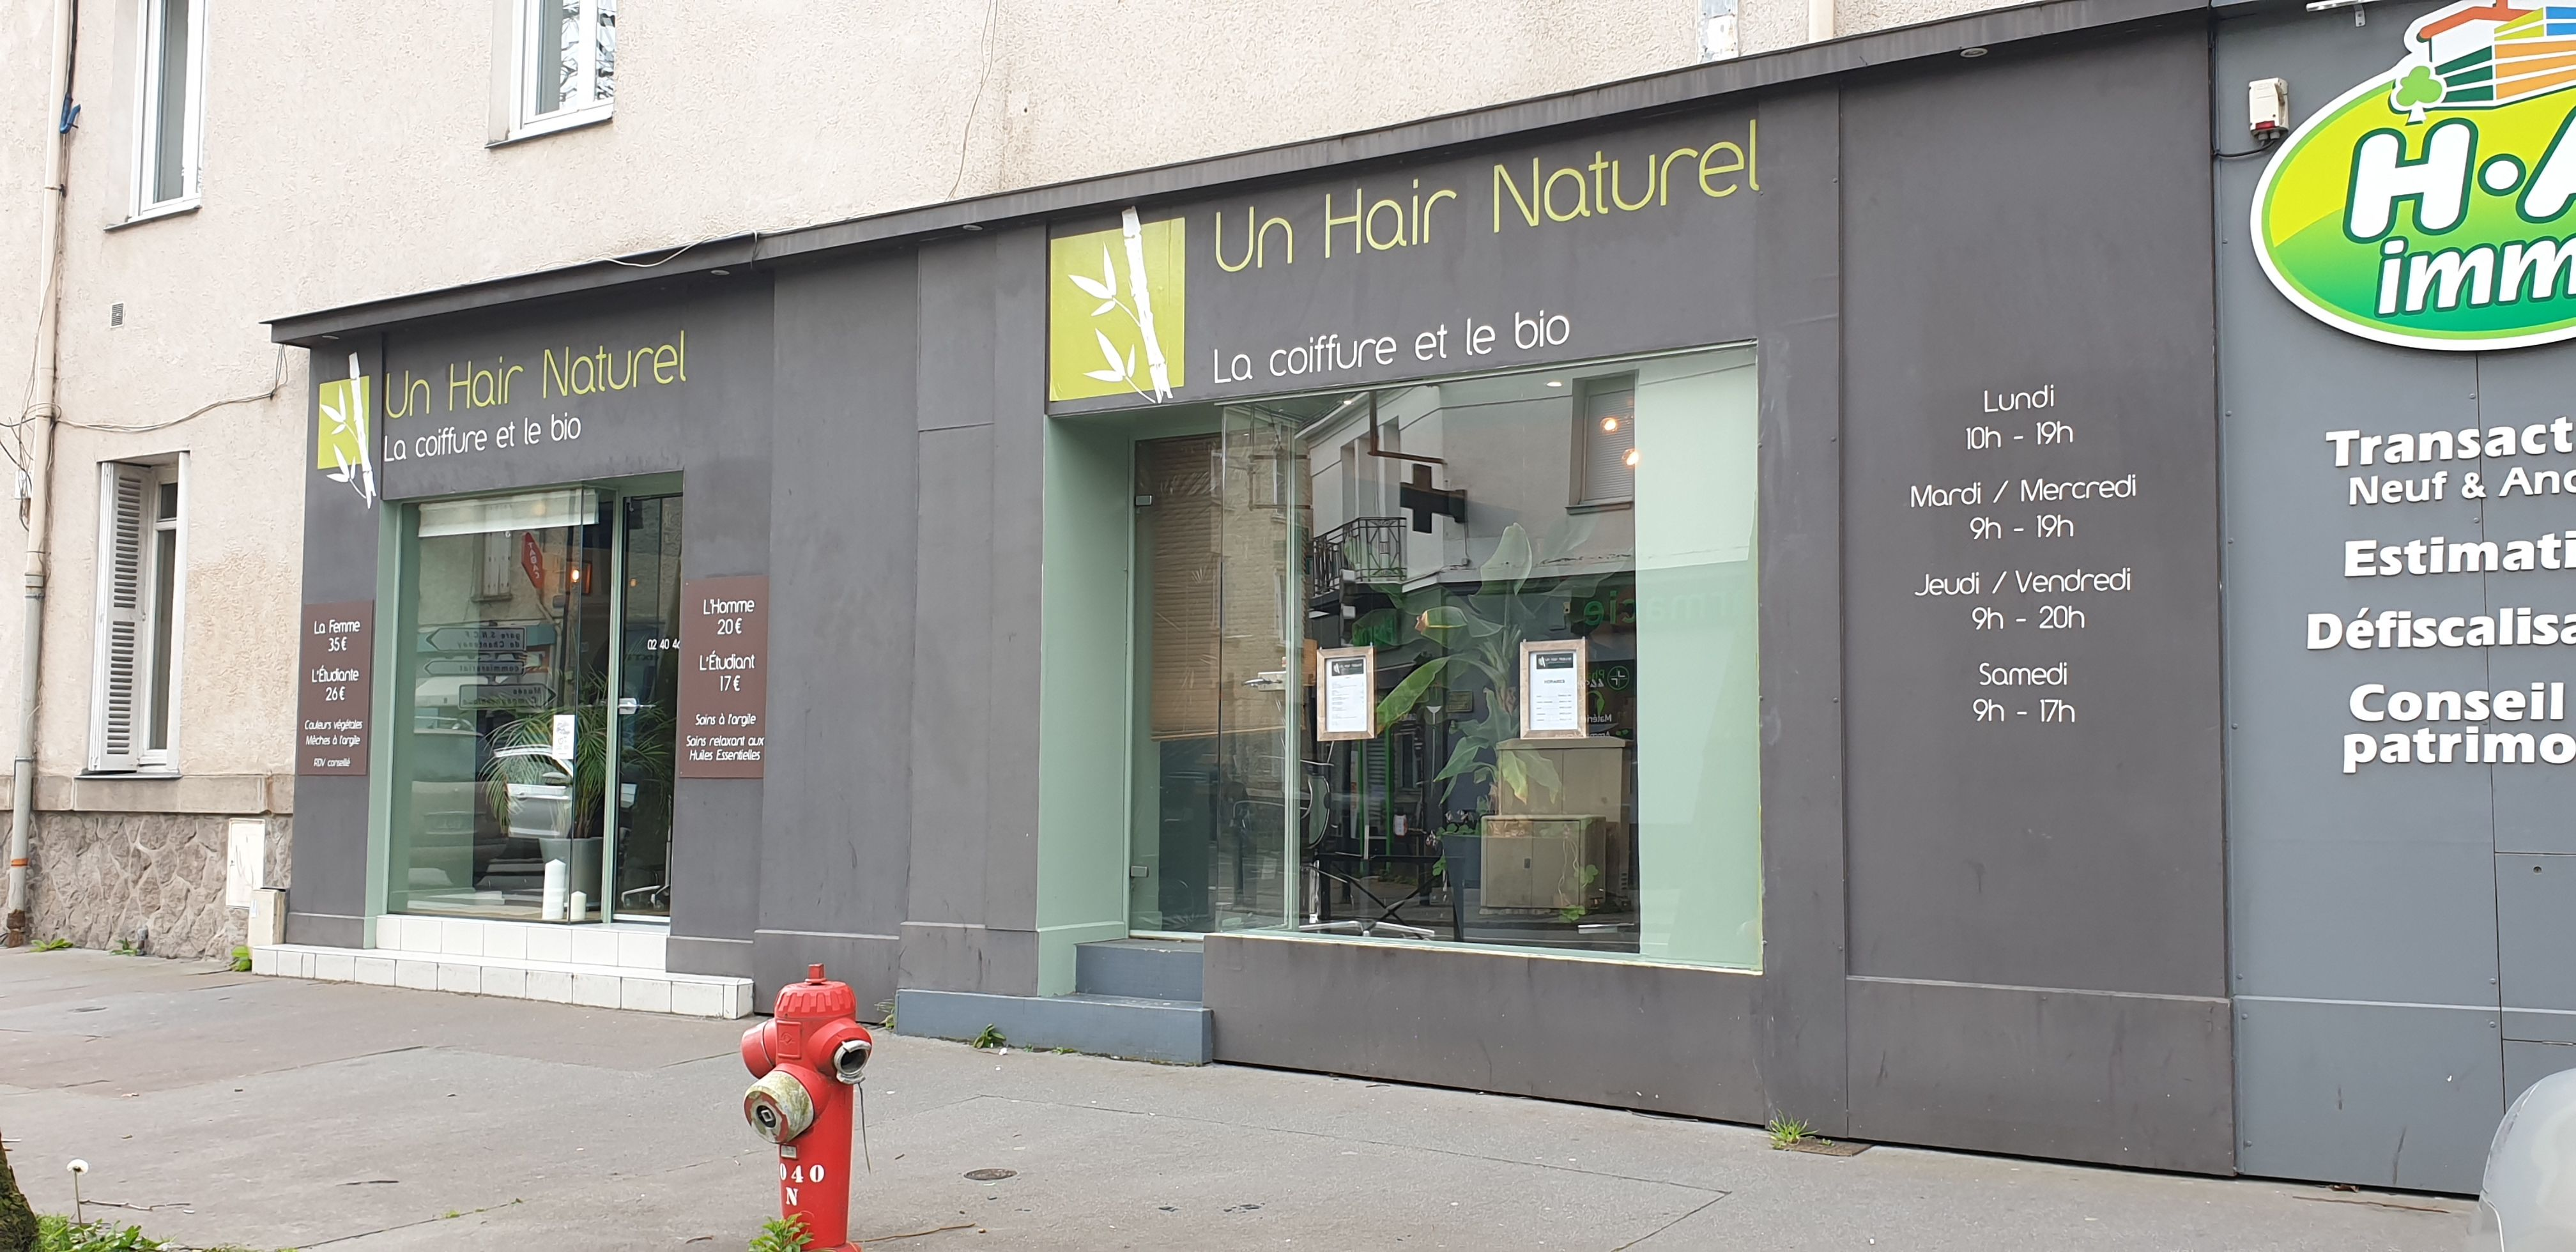 Un Hair Naturel Nantes Salon De Coiffure Coiffure